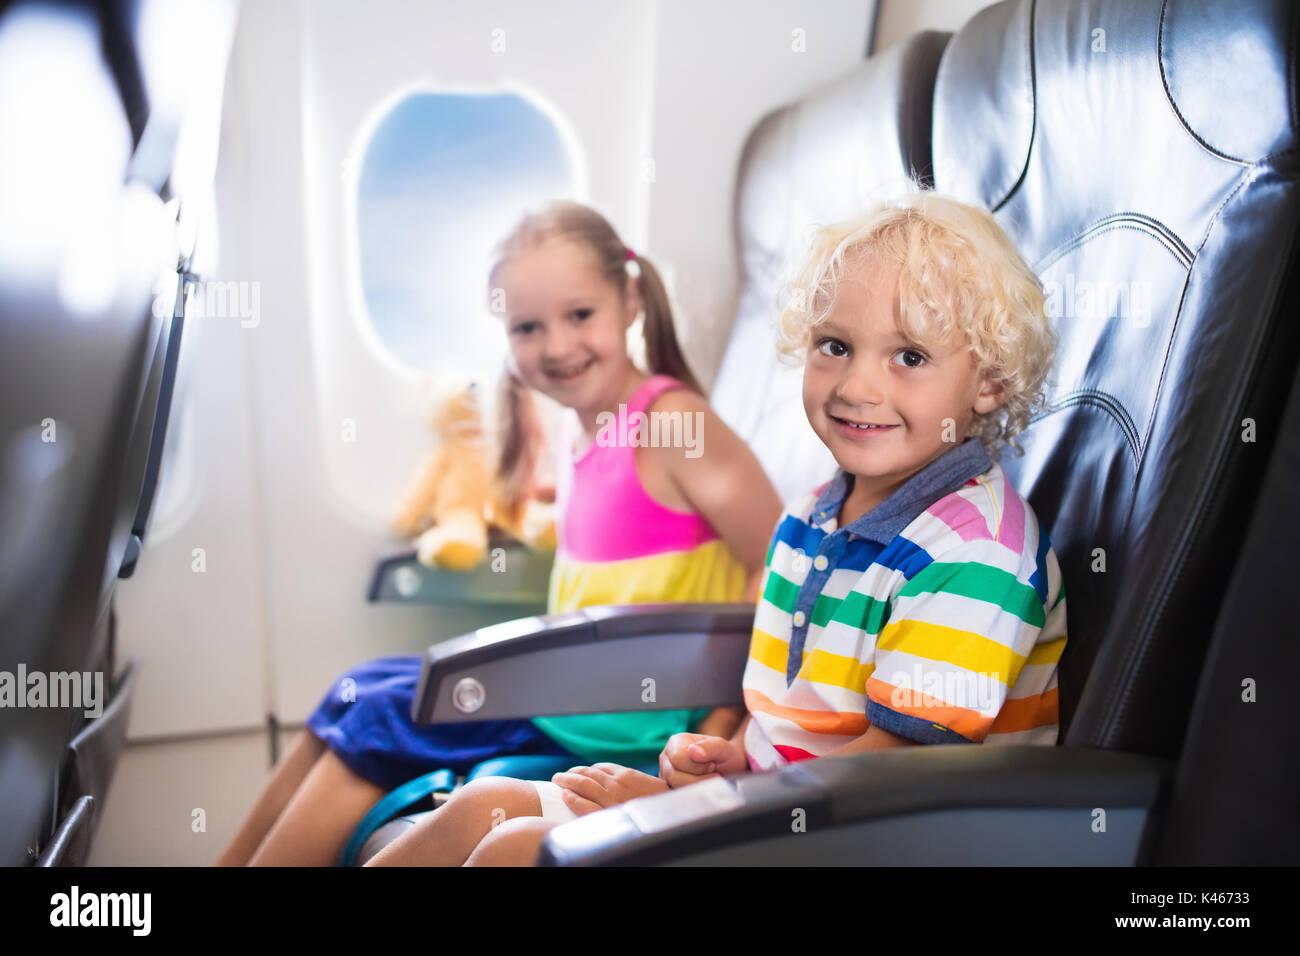 kind im flugzeug kinder sitzen im flugzeug platz am fenster flug unterhaltung f r kinder. Black Bedroom Furniture Sets. Home Design Ideas